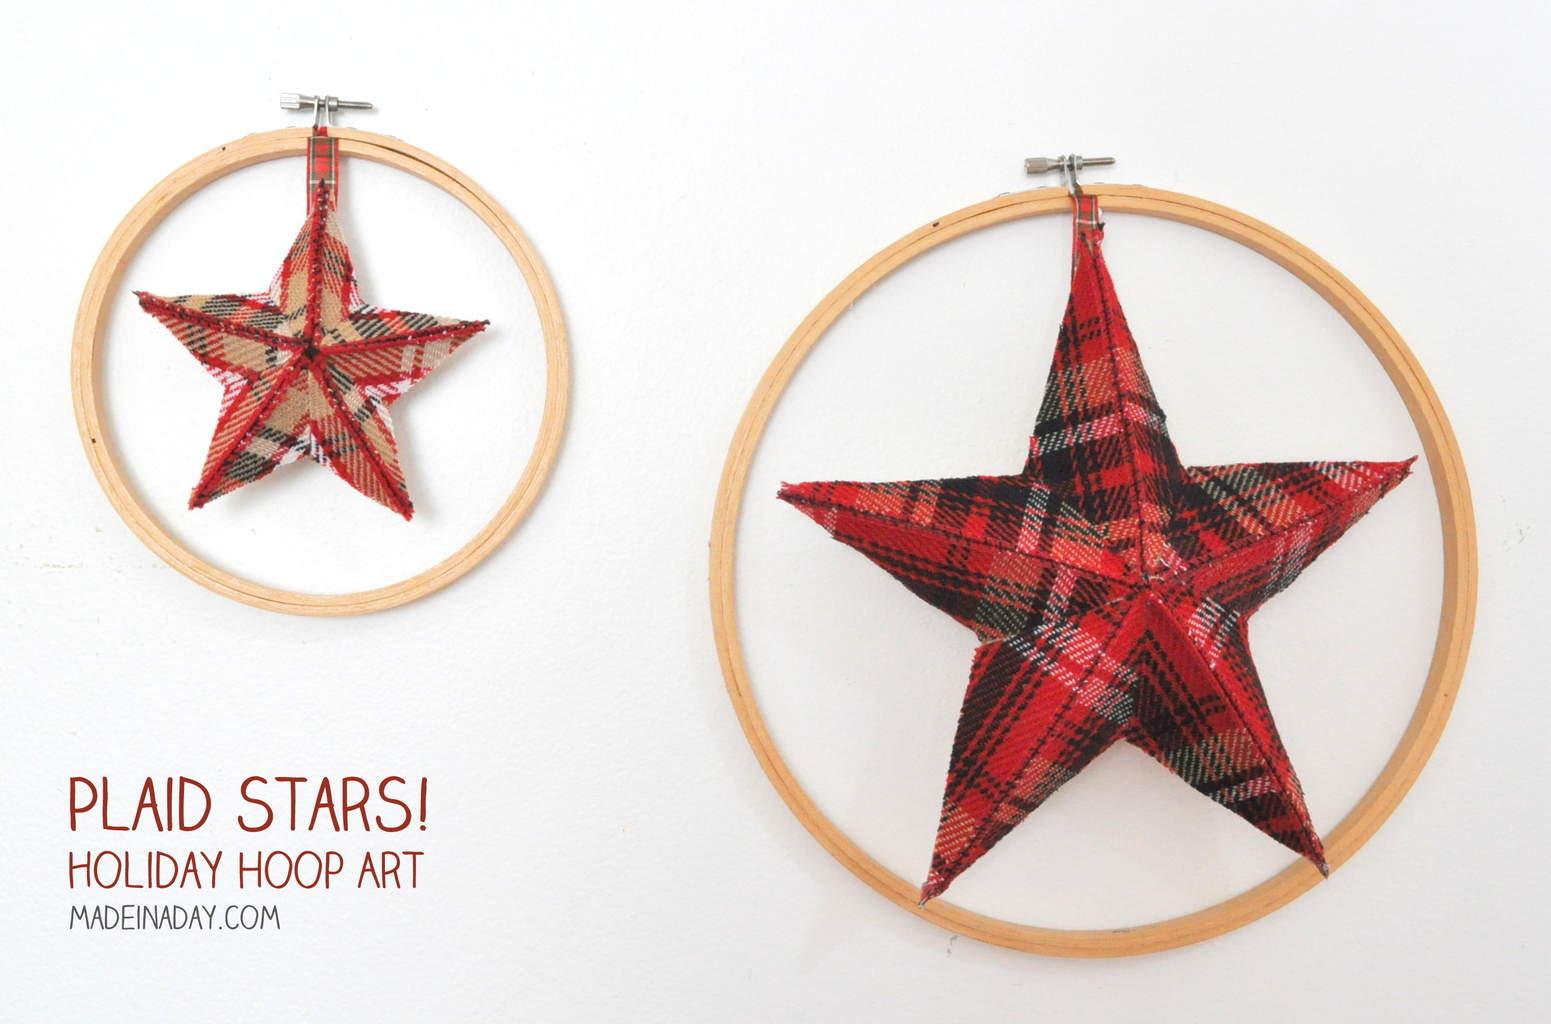 Plaid Fabric Stars Holiday Hoop Art